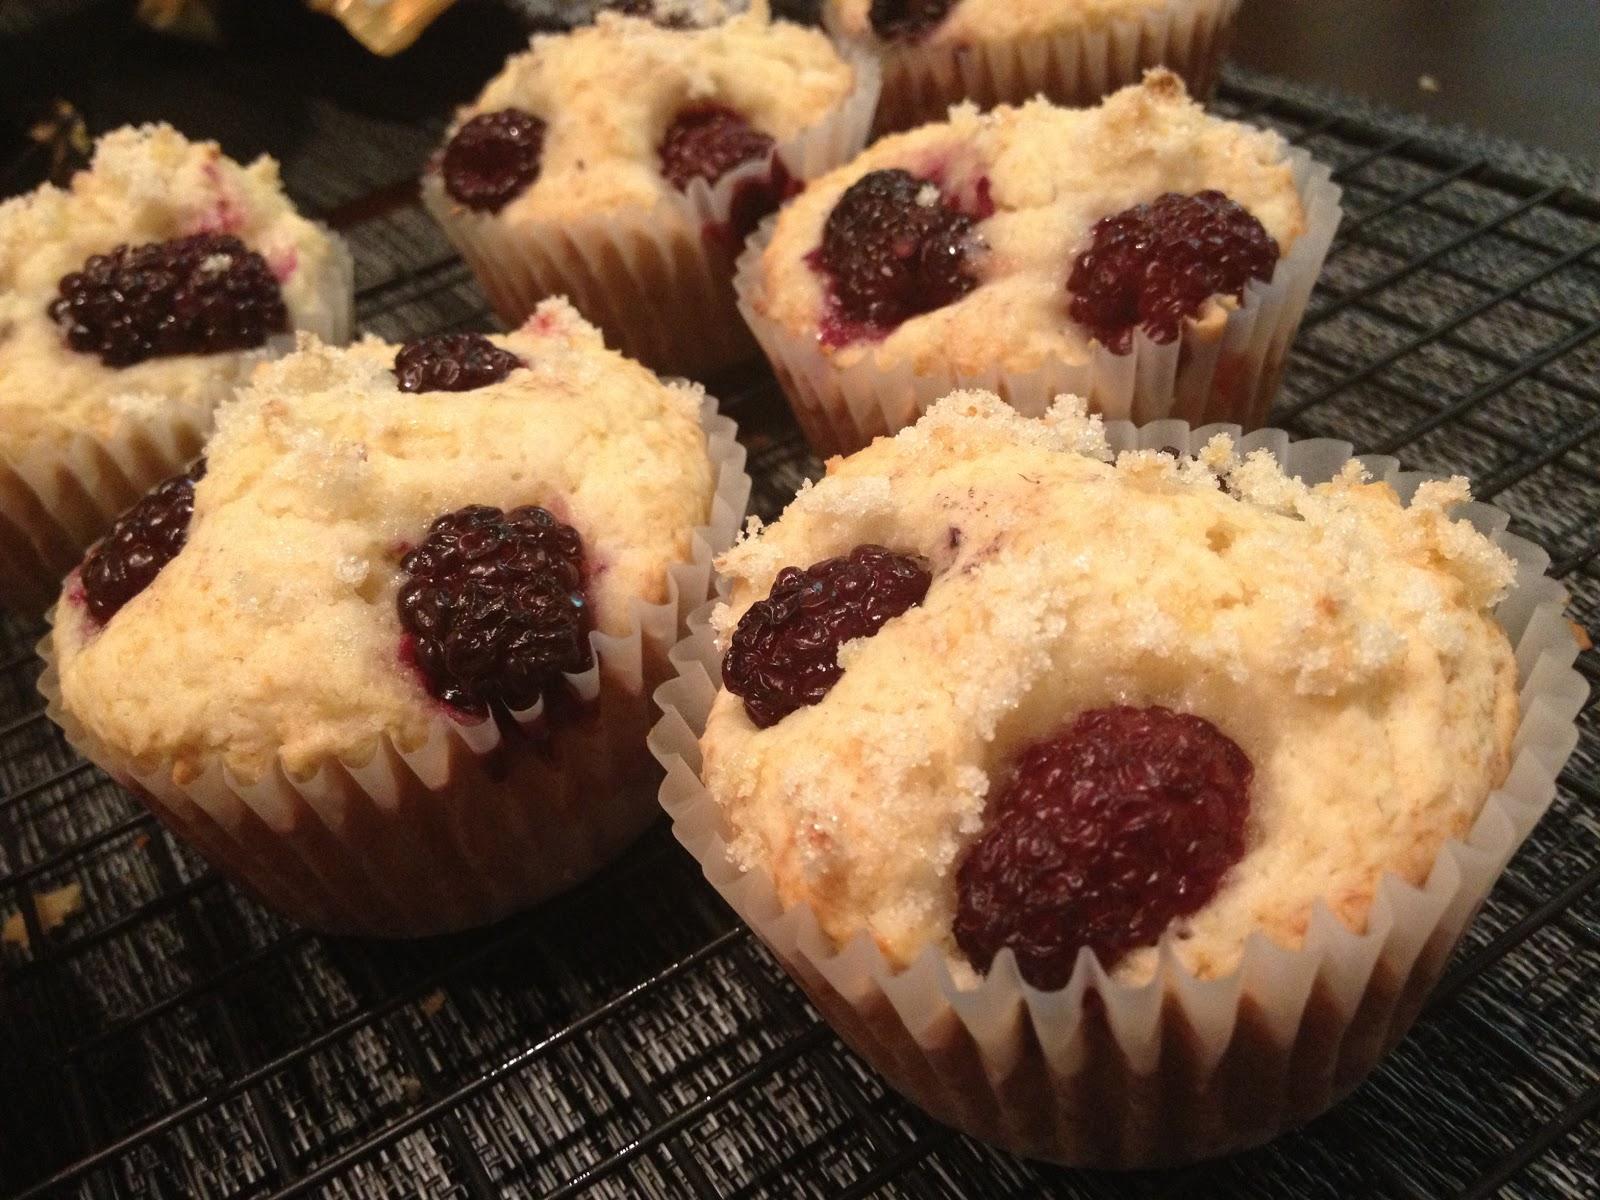 ... Mess Their Kitchen: Muffin Mondays: Lemon Ricotta Blackberry Muffins